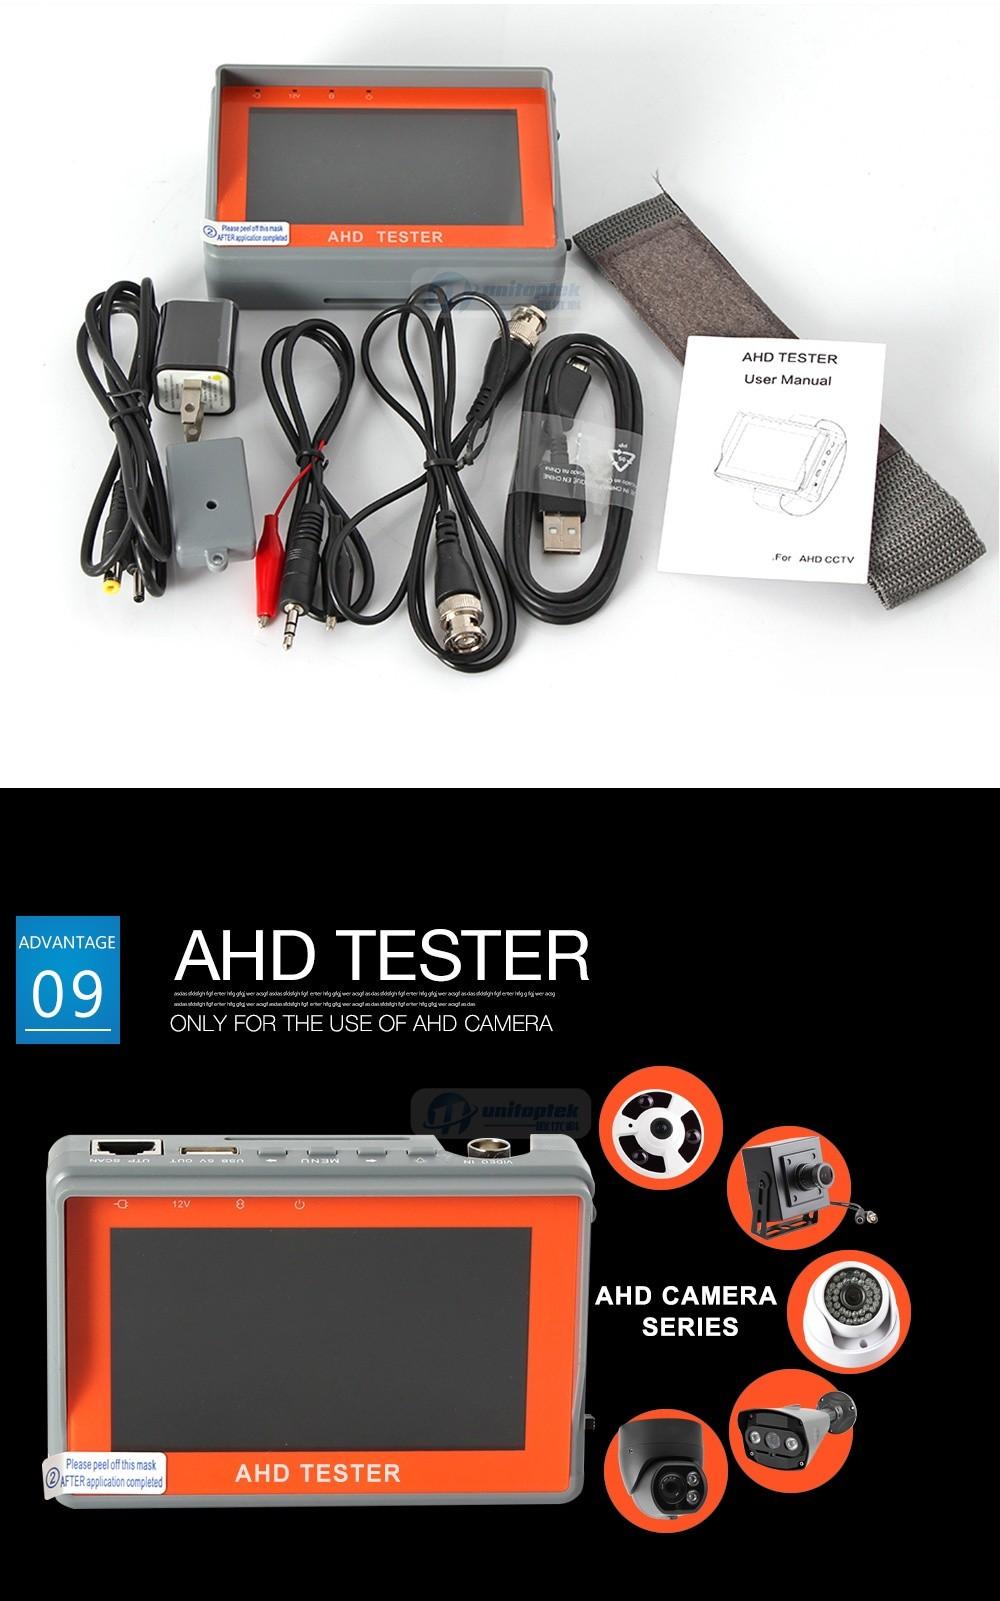 AHD_06